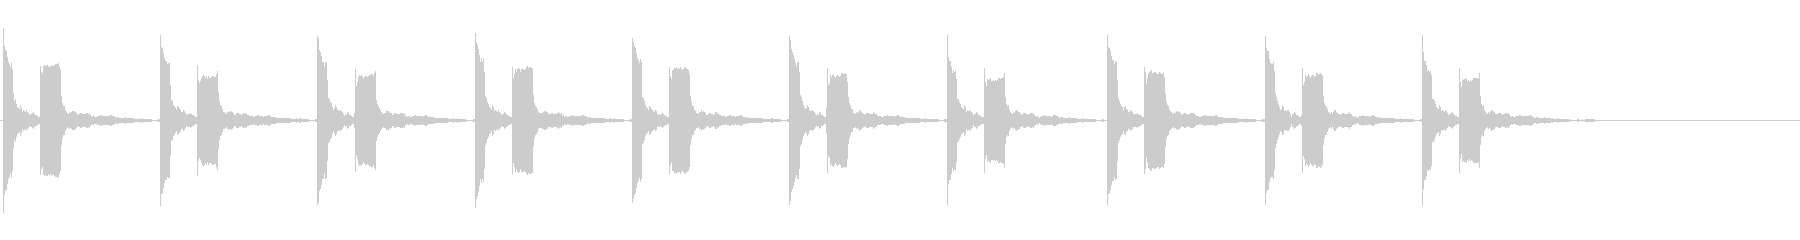 横断歩道 誘導音-2_カッコー_revの未再生の波形